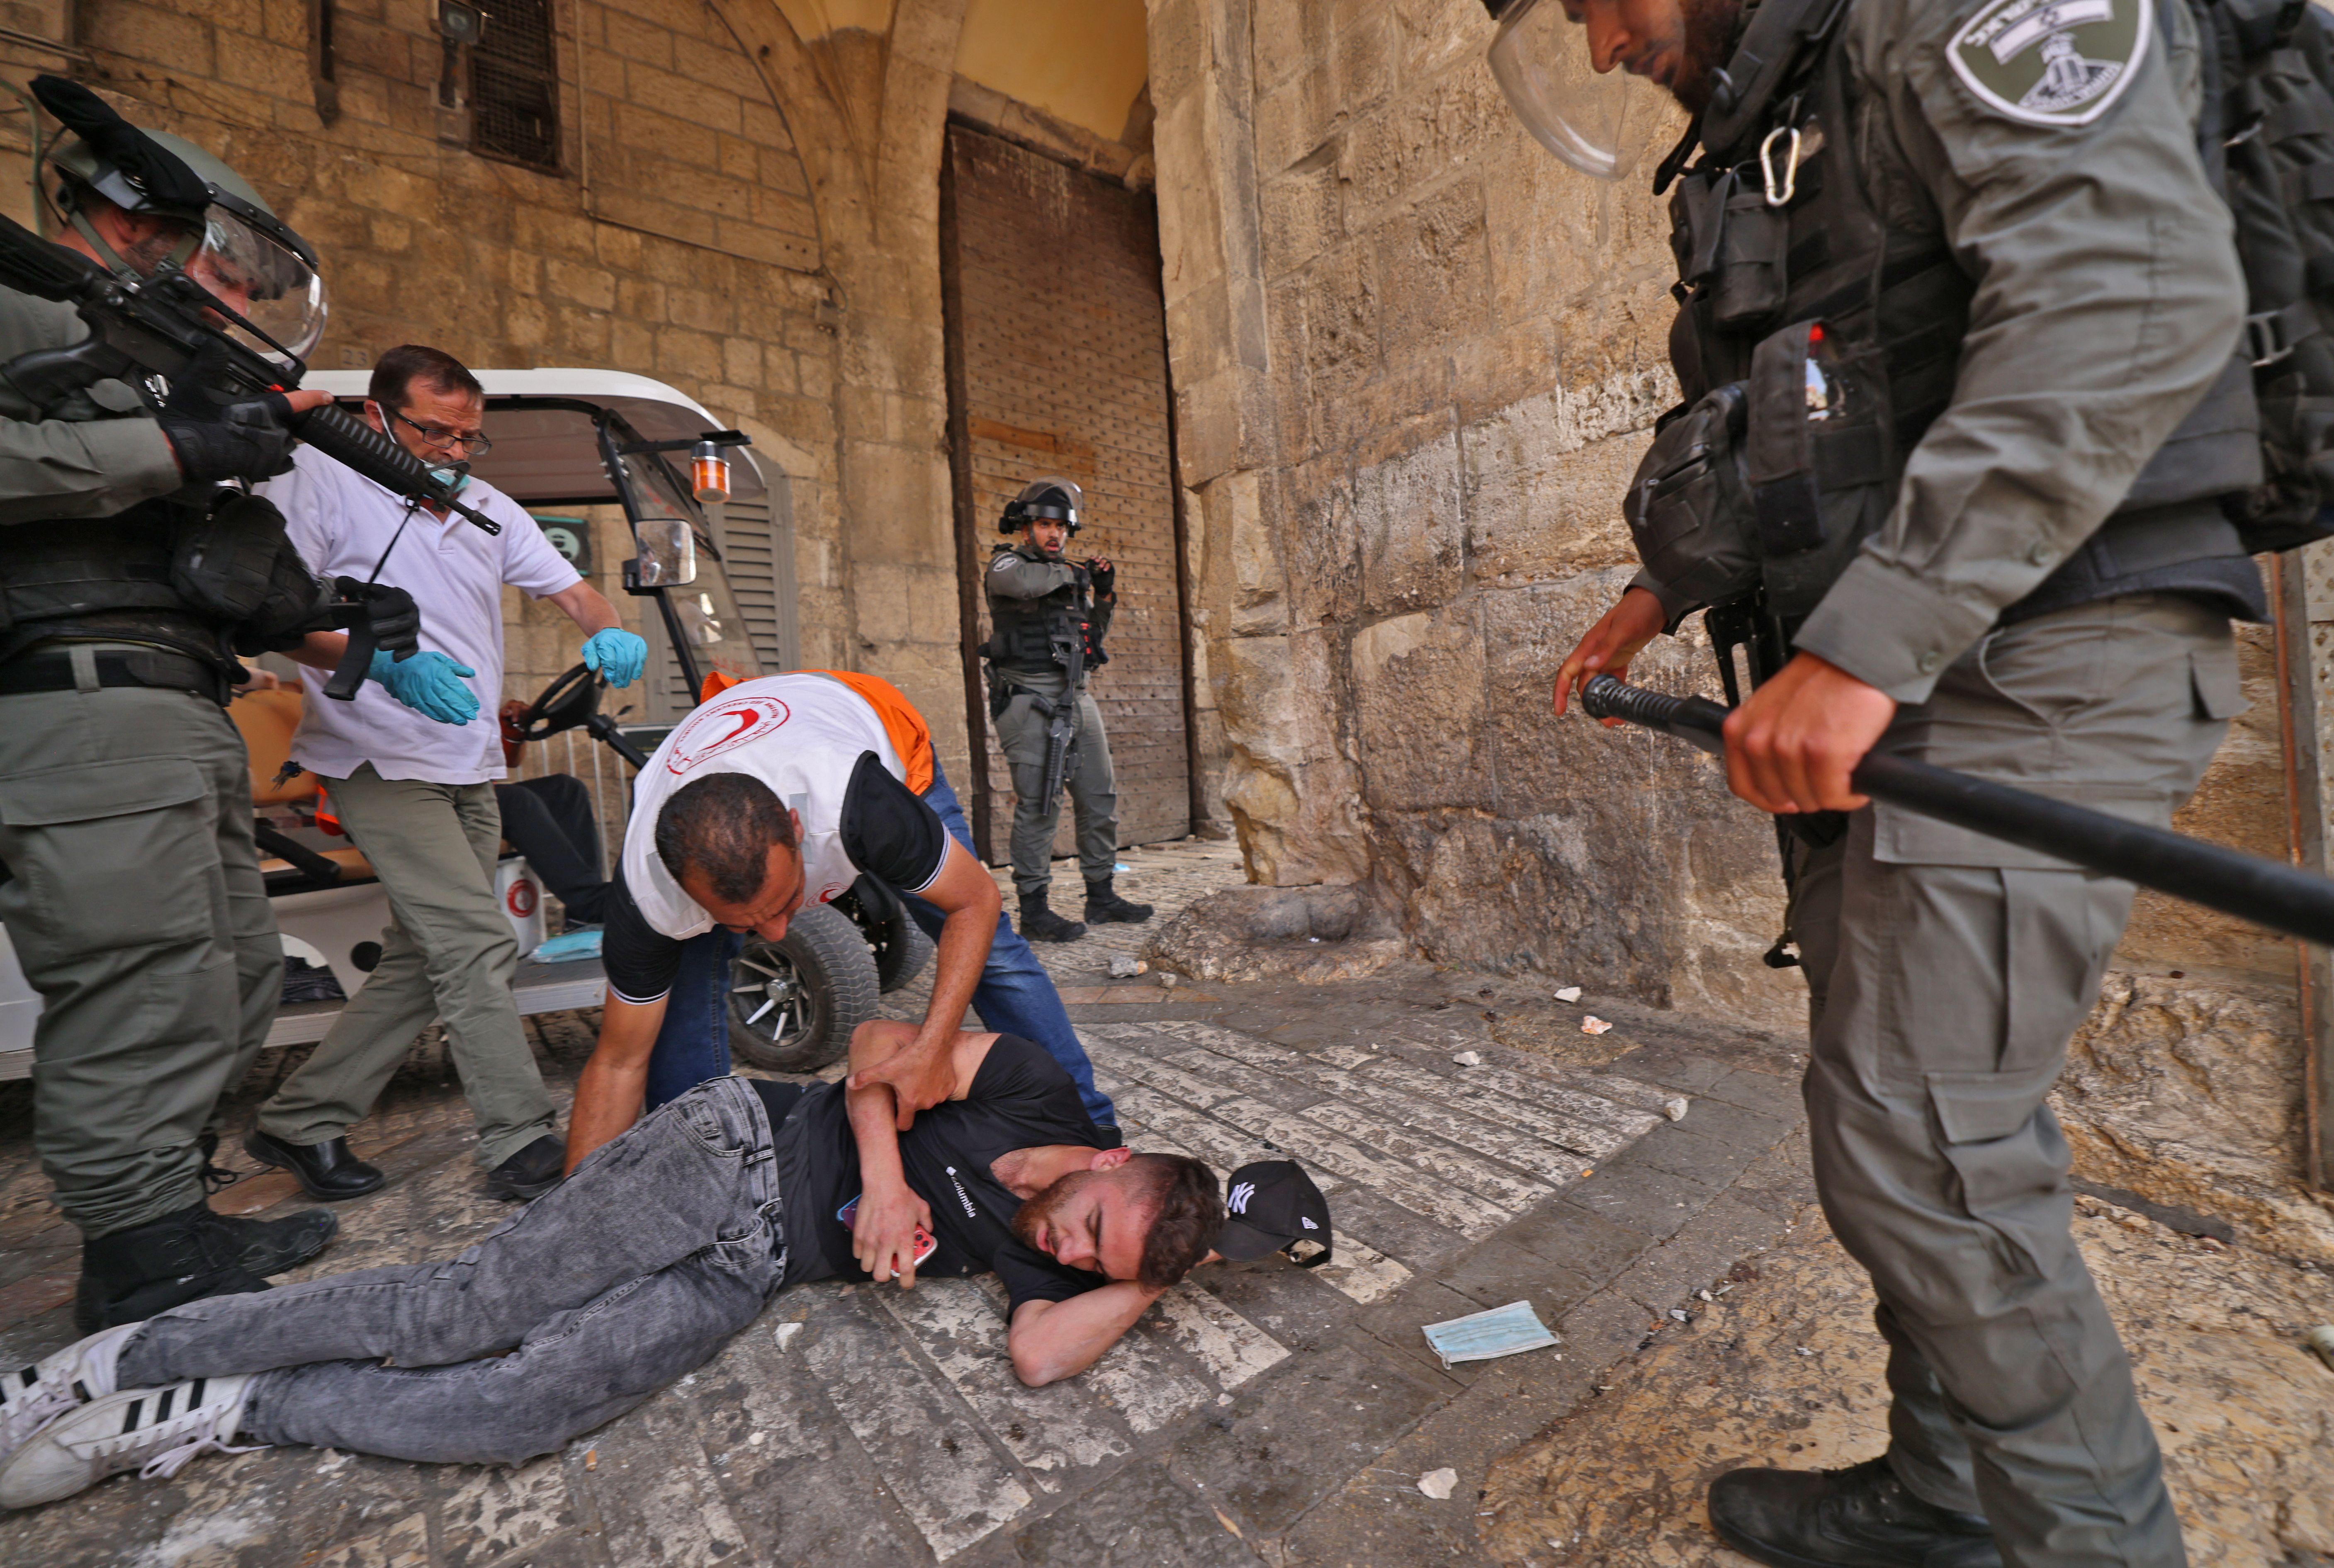 Los médicos palestinos ayudan a un manifestante herido en medio de enfrentamientos con las fuerzas de seguridad israelíes en la Ciudad Vieja de Jerusalén el 10 de mayo de 2021, antes de una marcha planificada para conmemorar la toma de posesión de Jerusalén por Israel en la Guerra de los Seis Días de 1967.